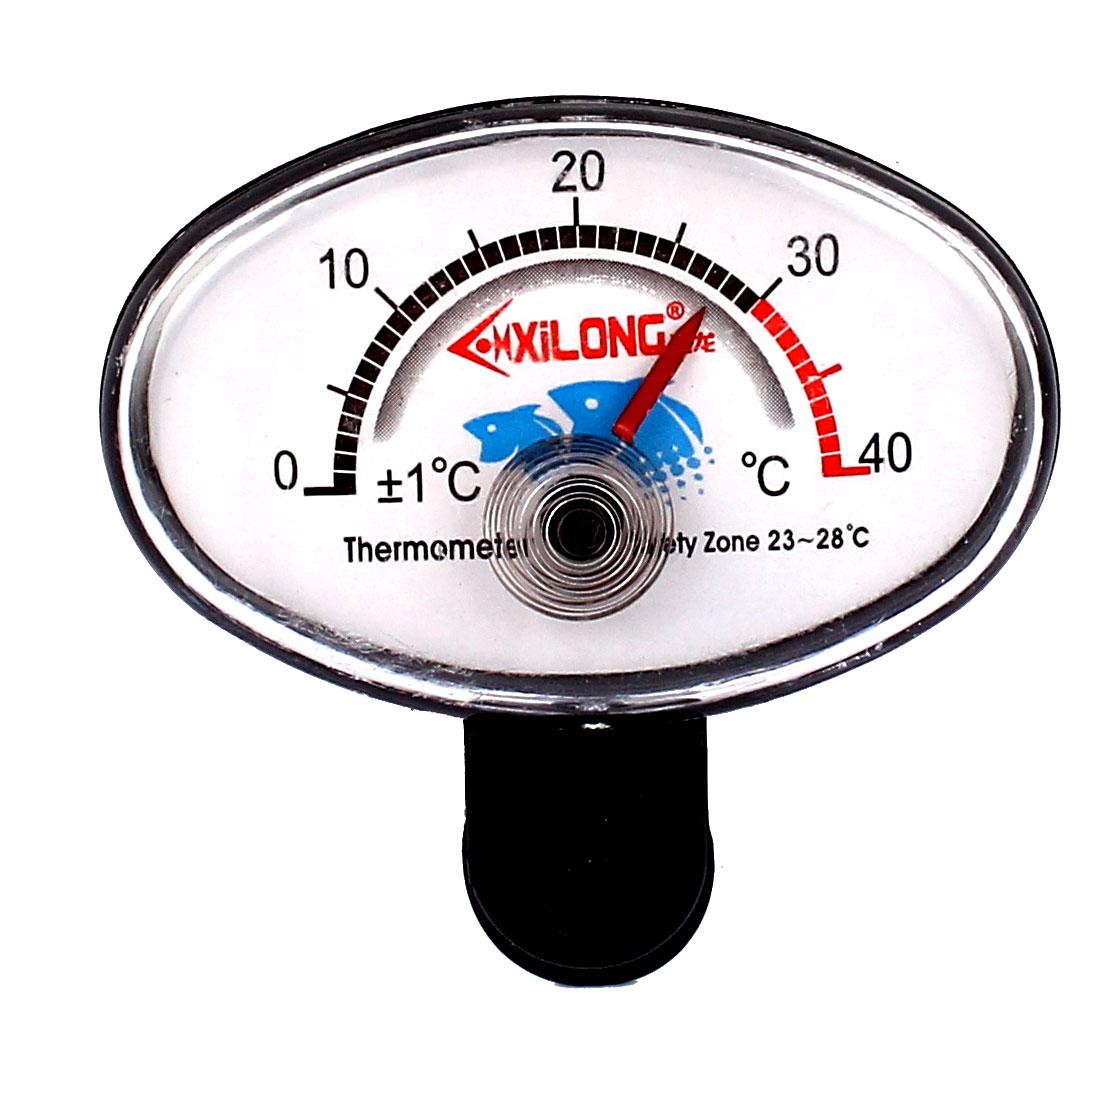 Aquarium Plastic Round Dial 0 to 40 Celsius Degrees Thermometer Hygrometer